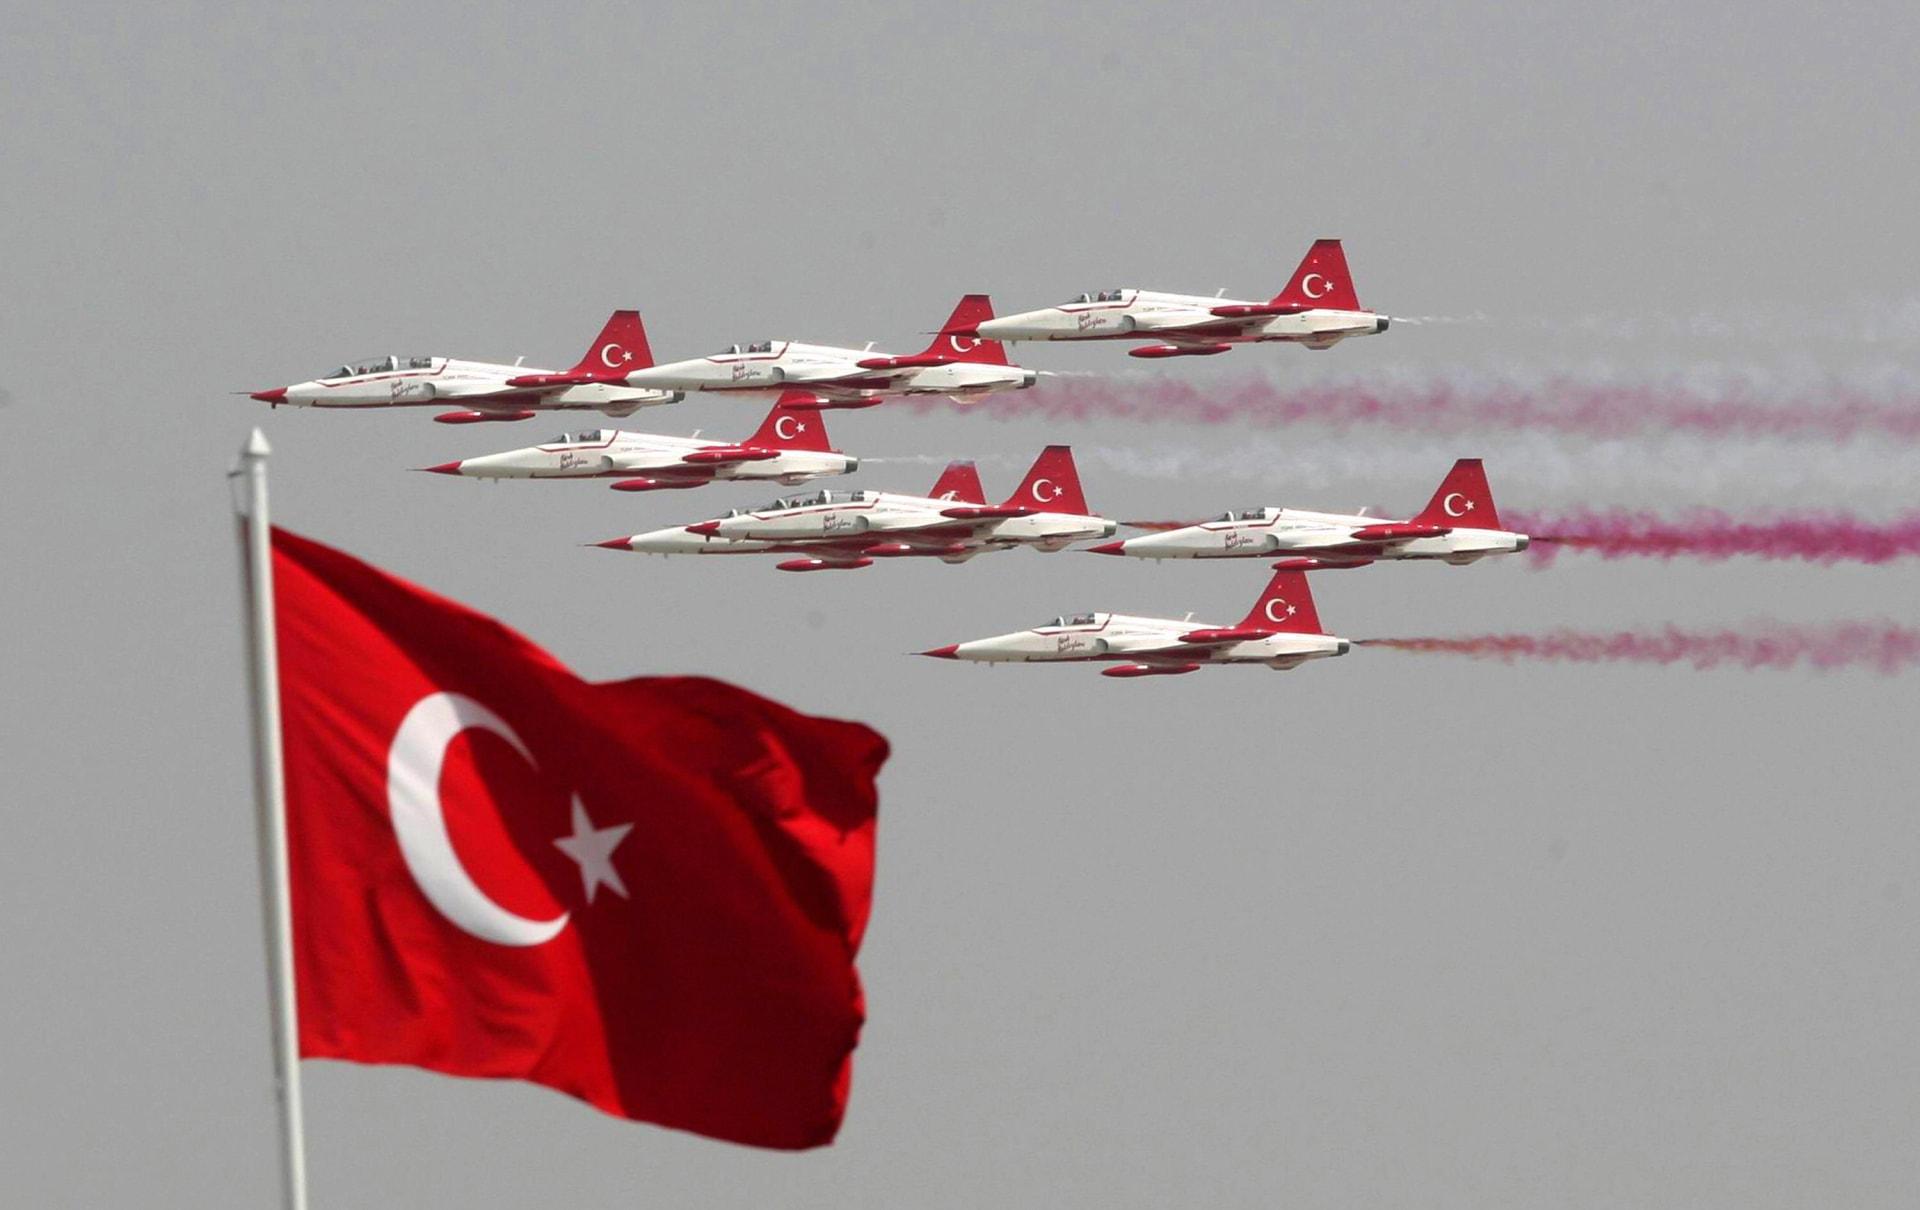 تركيا: مبيعات صناعاتنا الدفاعية بلغت 6 مليارات دولار في 2016